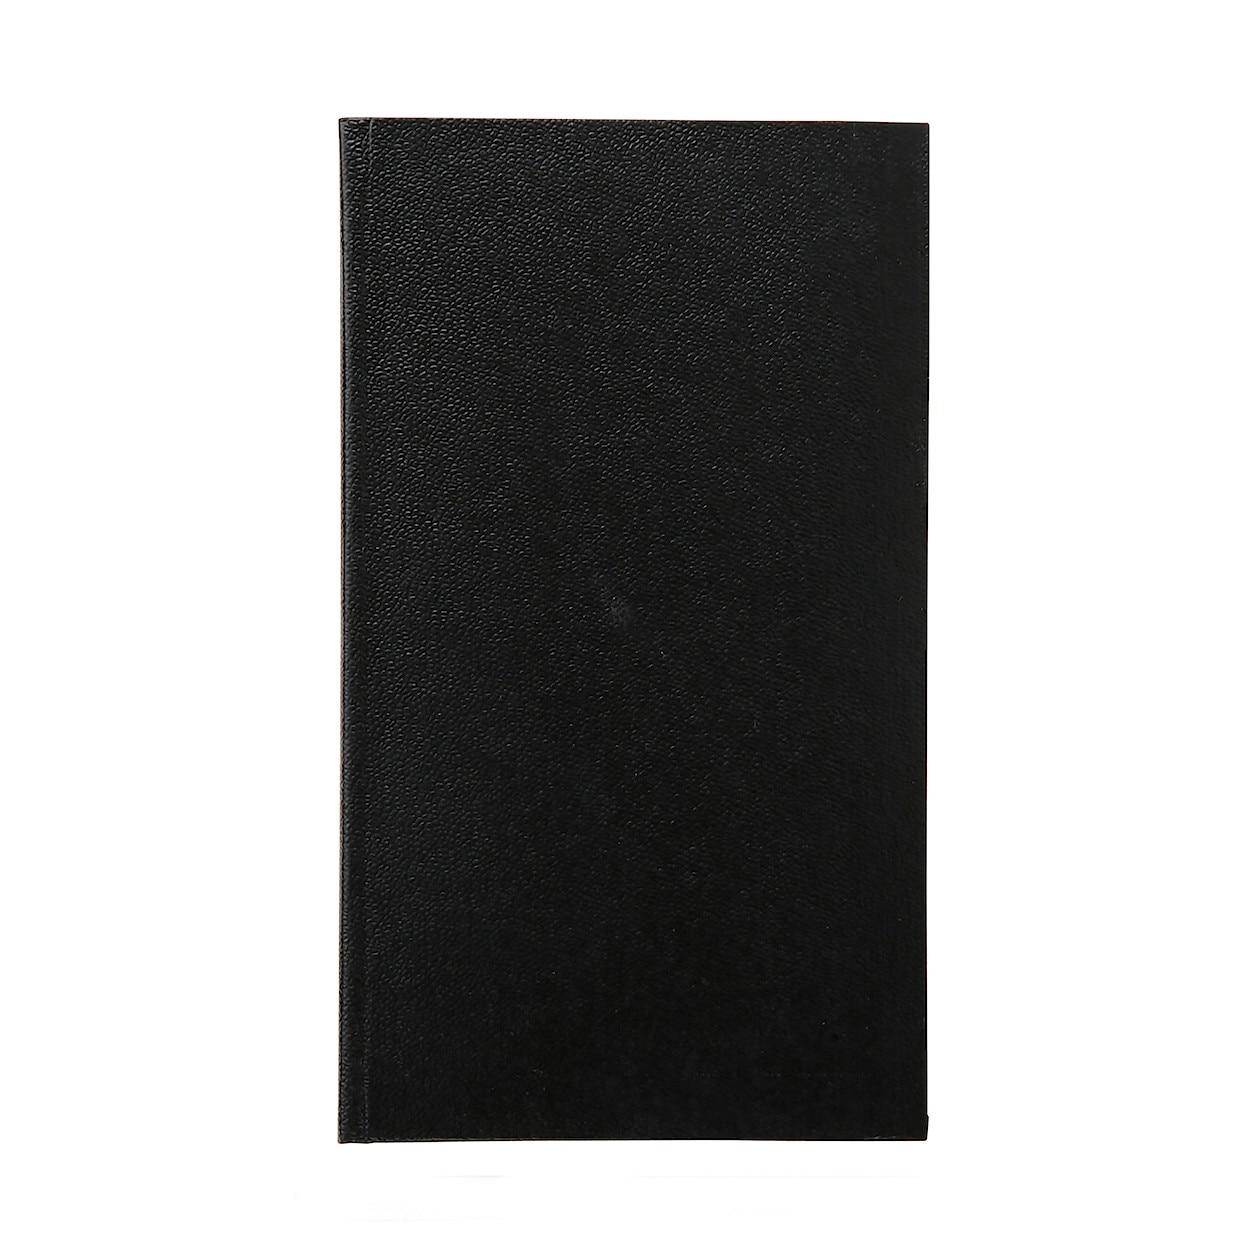 紙クロス 手のひらサイズポケットノート